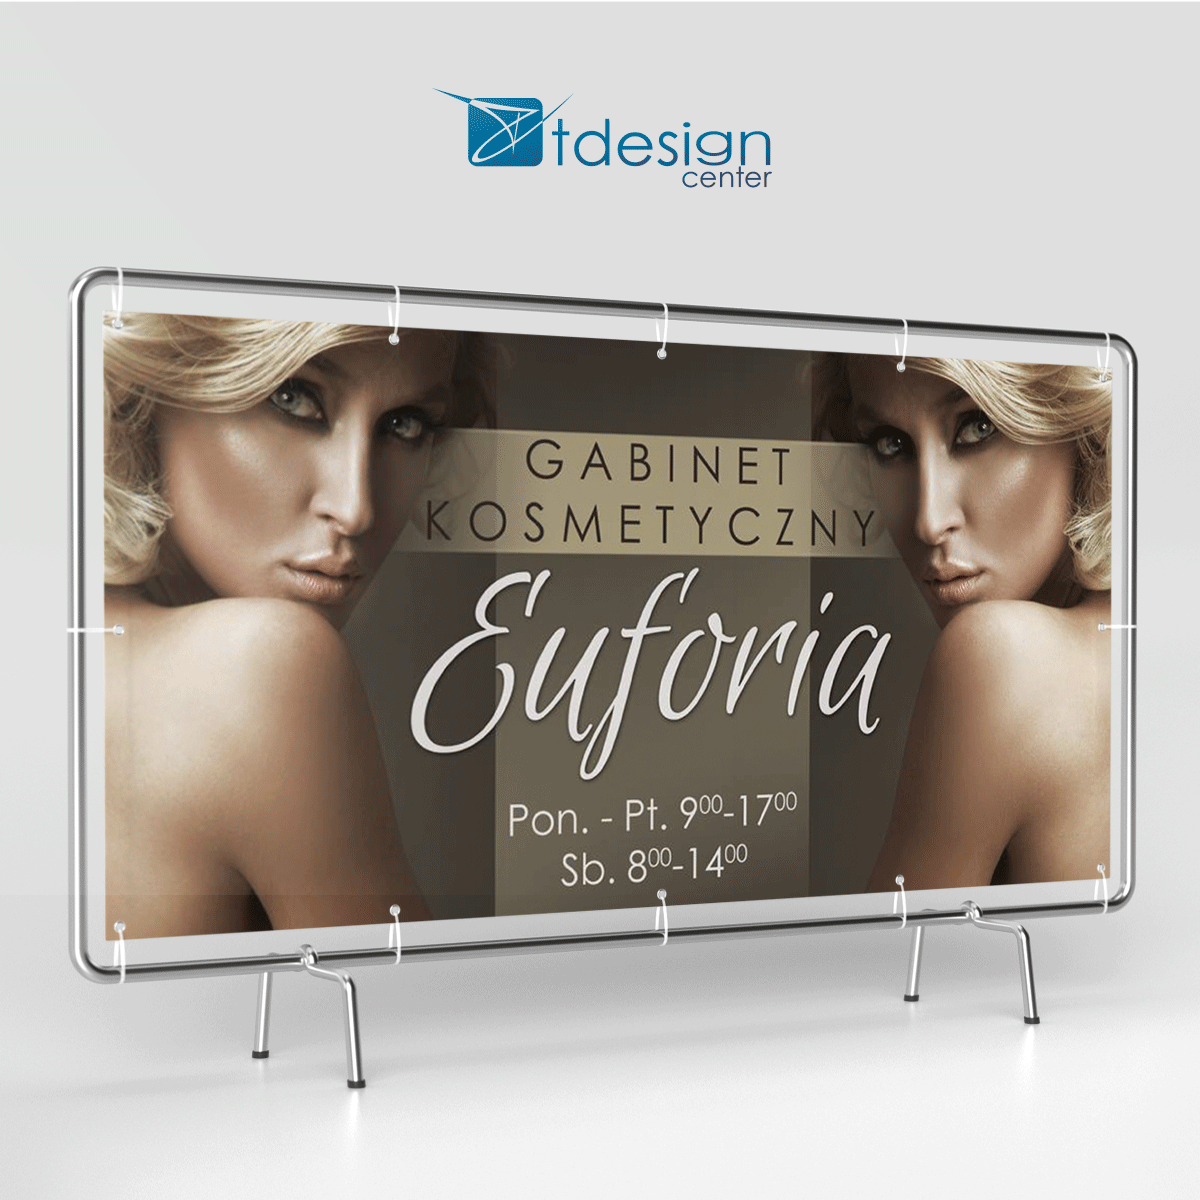 Baner 190x100cm, projekt wykonany dla gabinetu kosmetycznego Euforia